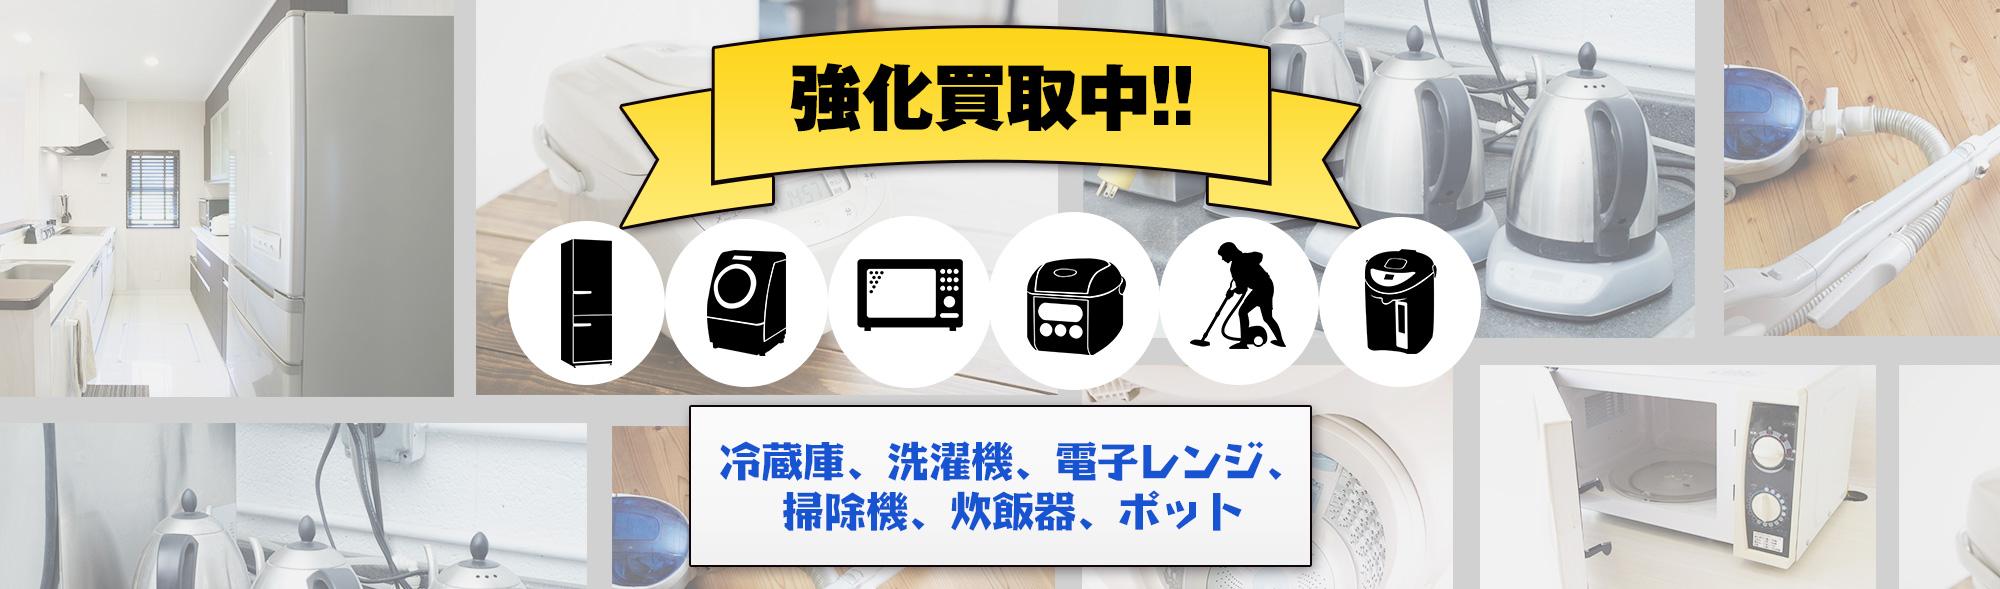 強化買取中!冷蔵庫、洗濯機、電子レンジ、掃除機、炊飯器、ポット